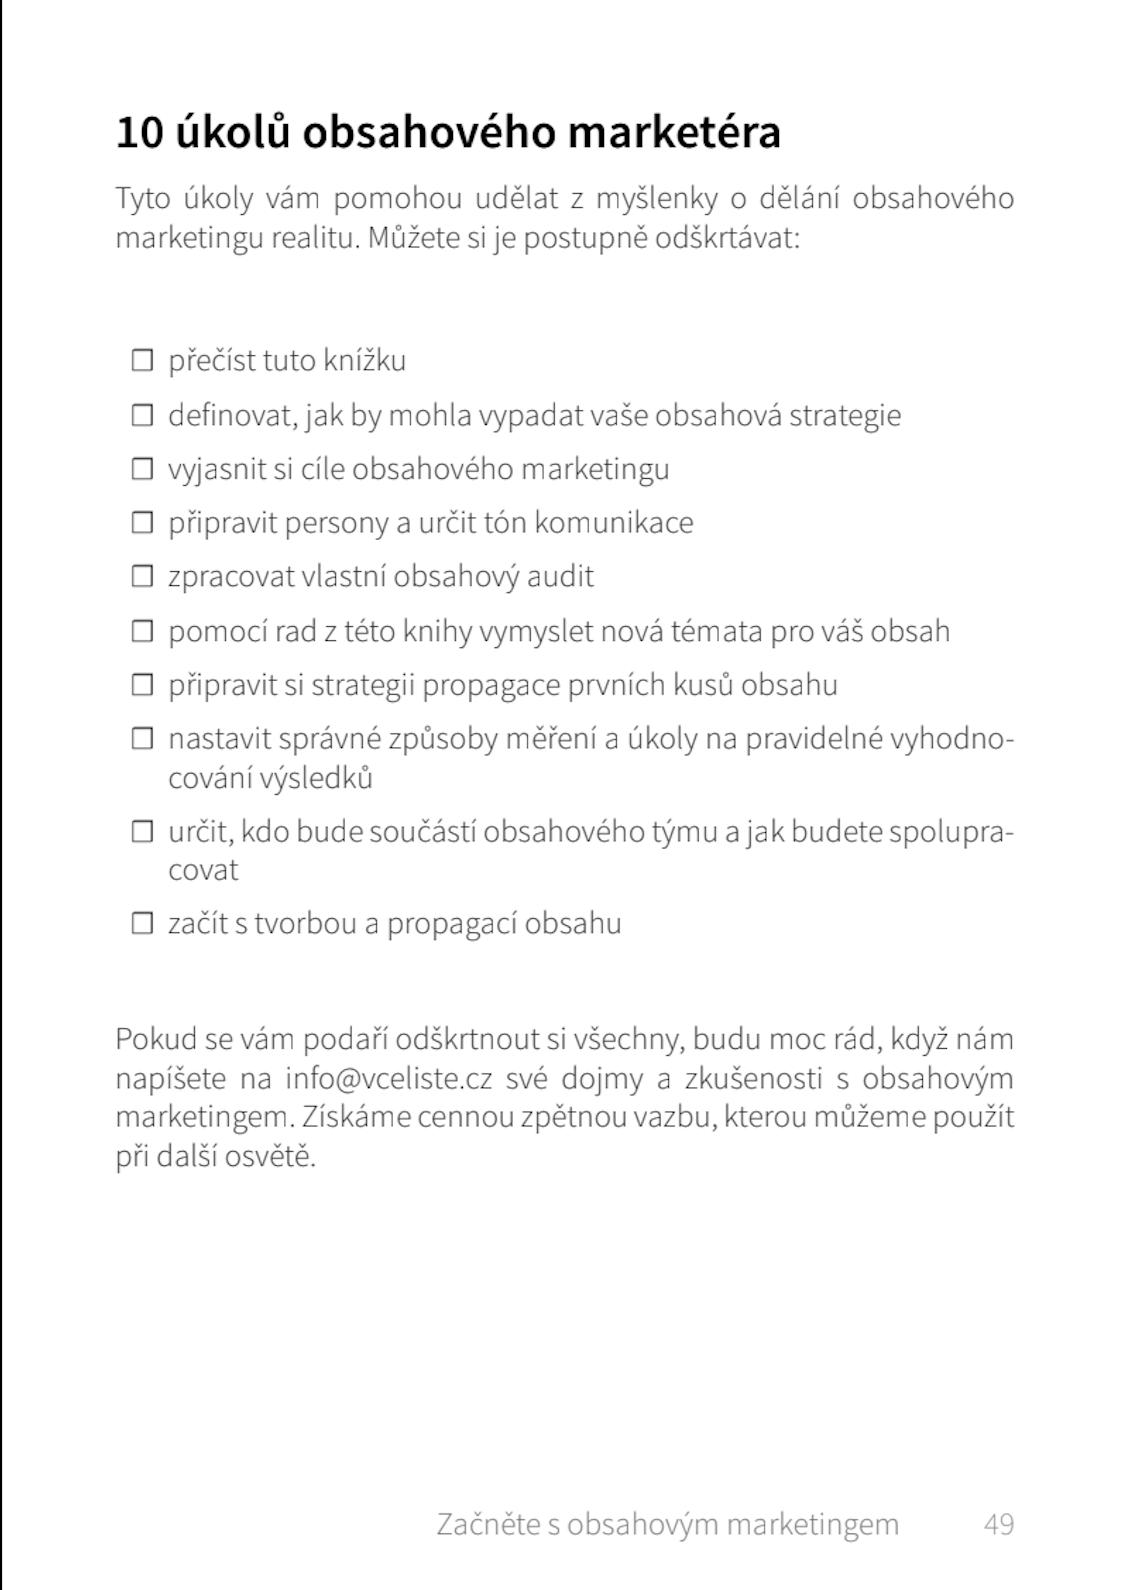 Ukázka úkolů Marketéra.